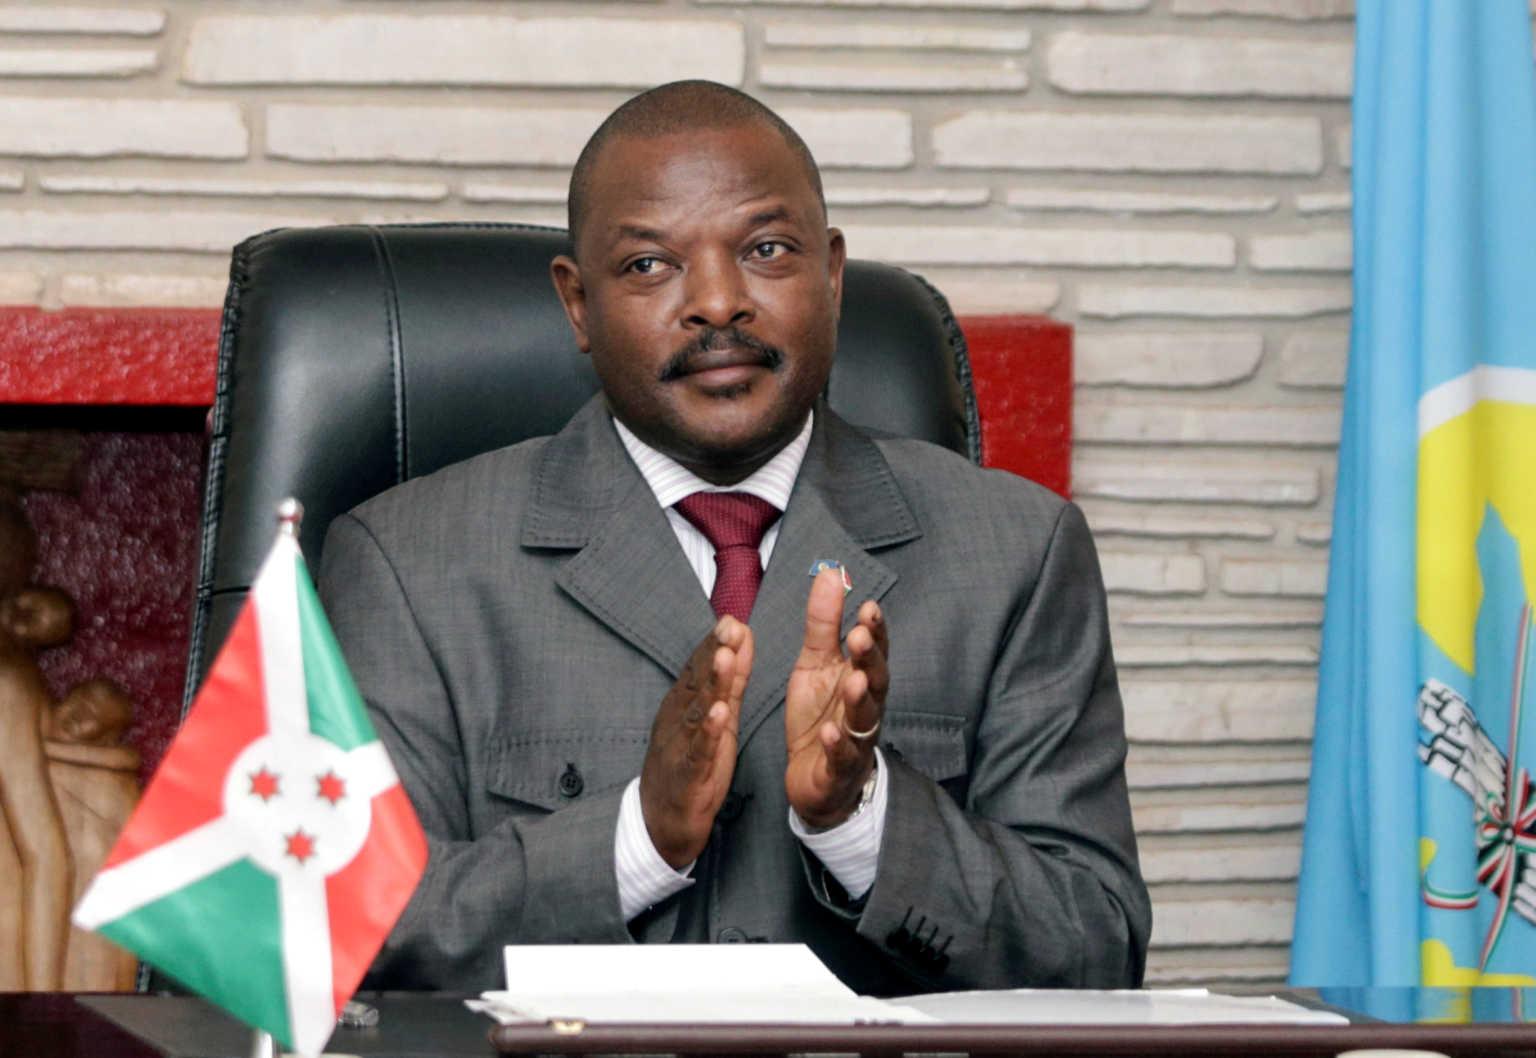 Ο πρόεδρος του Μπουρούντι ο πρώτος νεκρός αρχηγός κράτους από κορονοϊό;